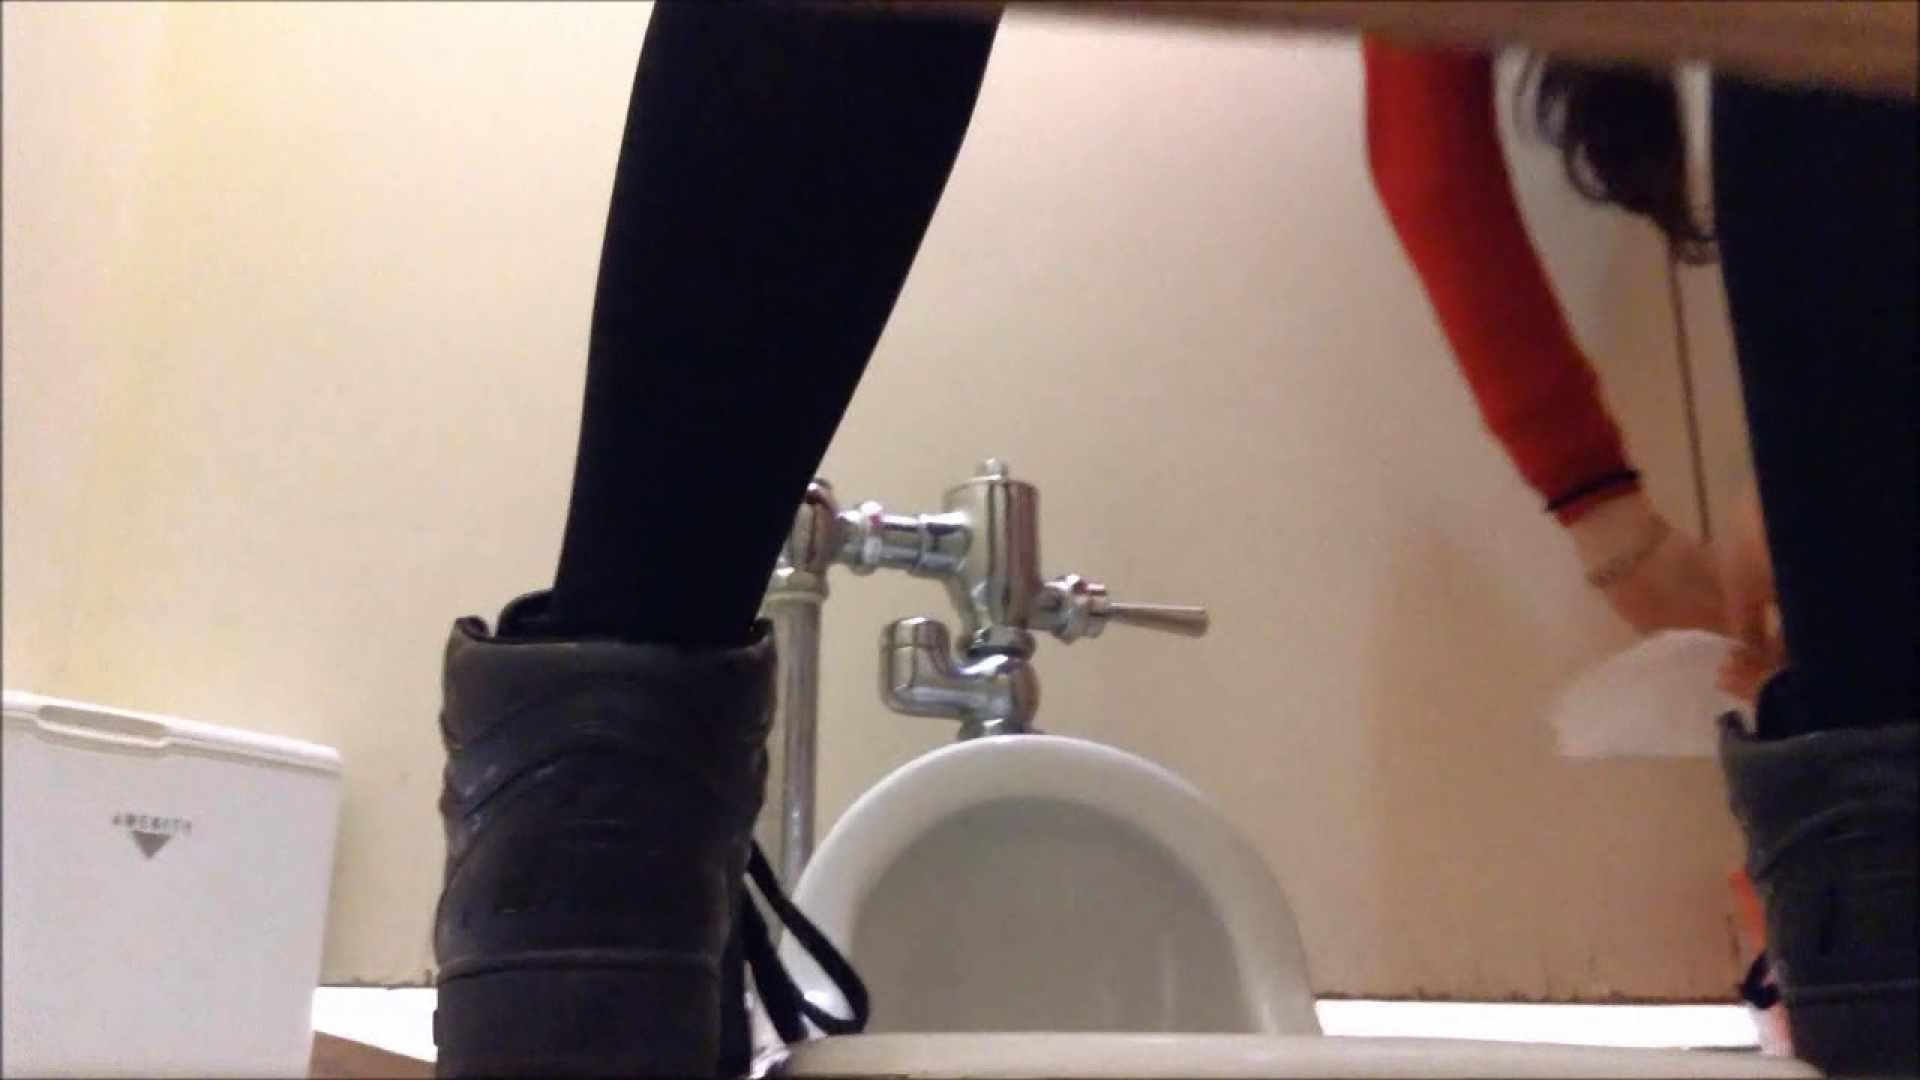 某有名大学女性洗面所 vol.13 洗面所 アダルト動画キャプチャ 97画像 14